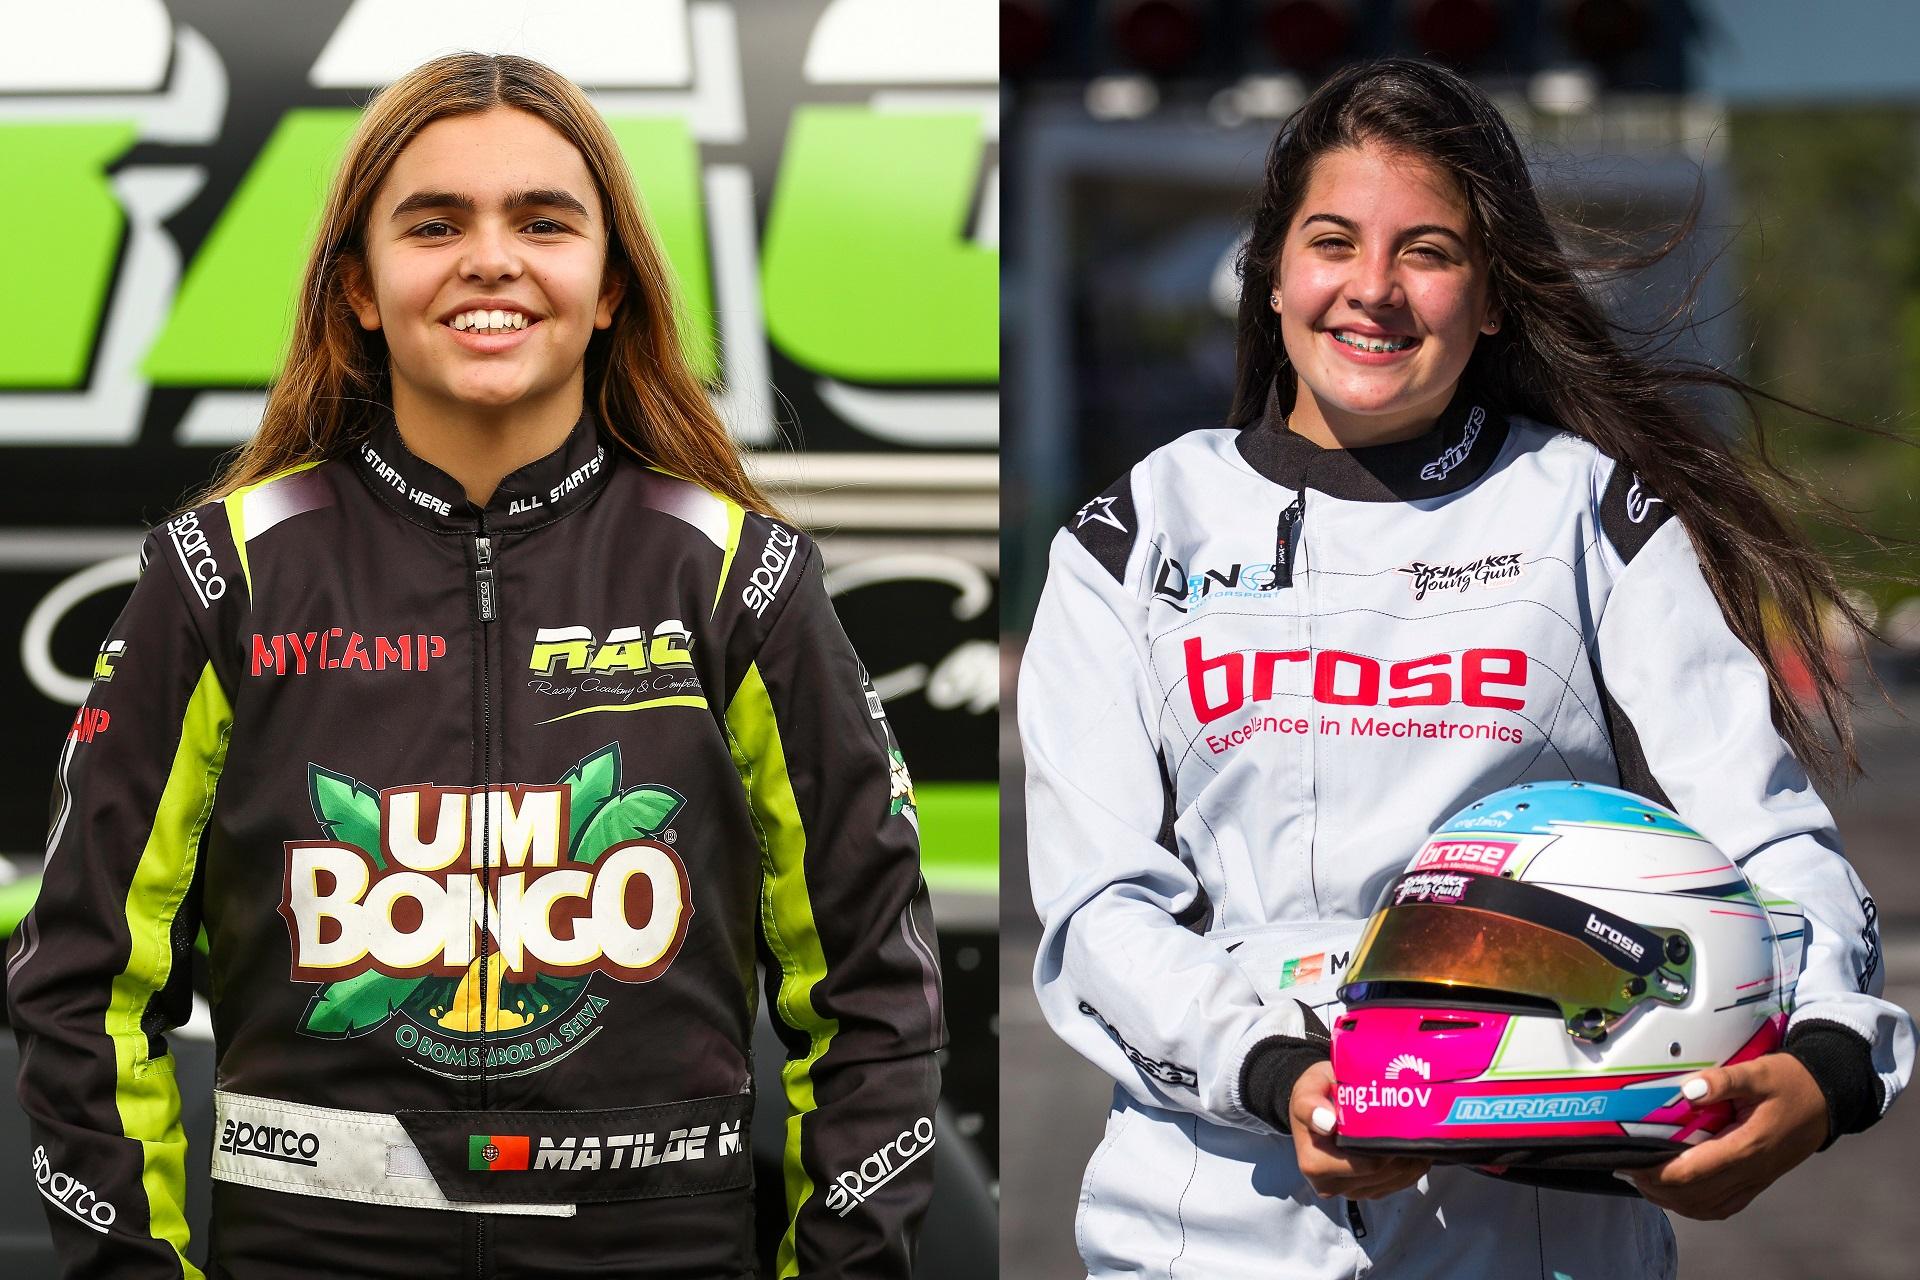 Mariana Machado e Matilde Ferreira no 'The Girls On Track - The Rising Star' da FIA